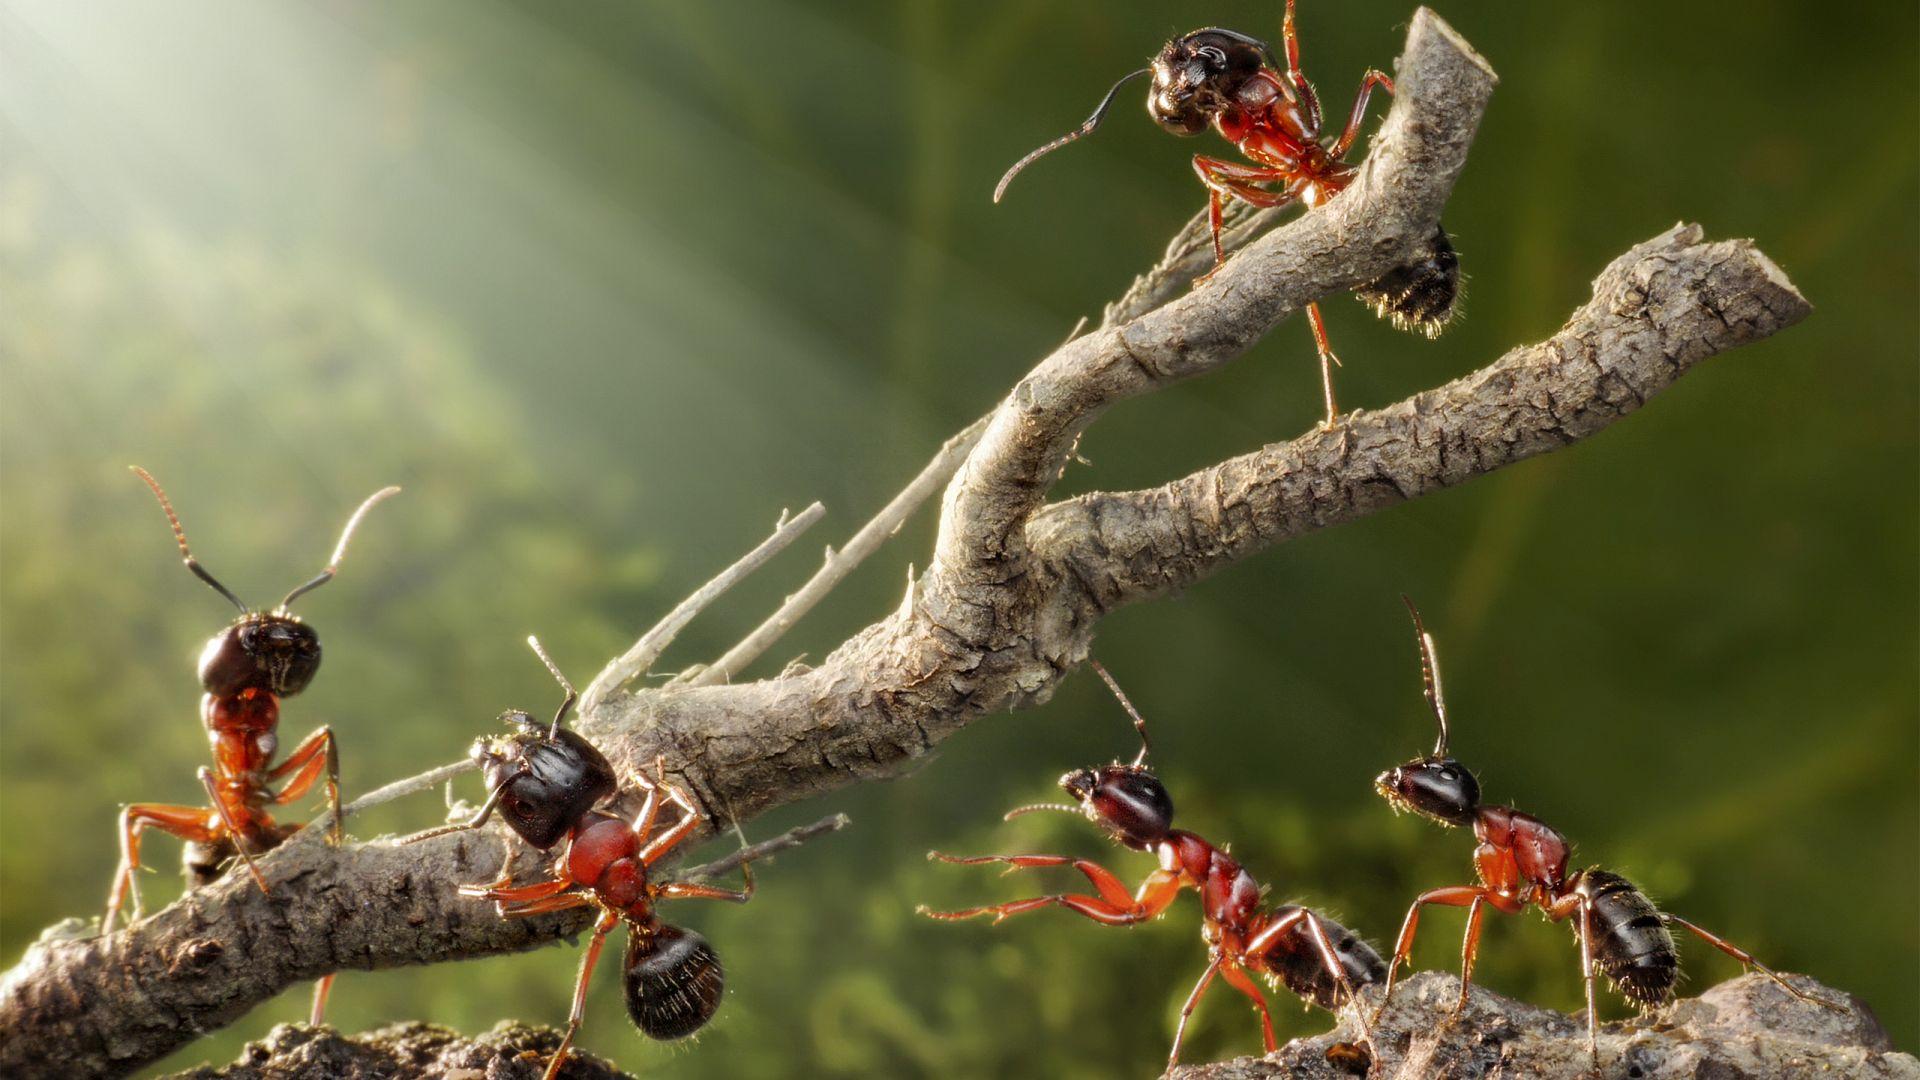 направлены птицы в картинках муравей тому крепеж